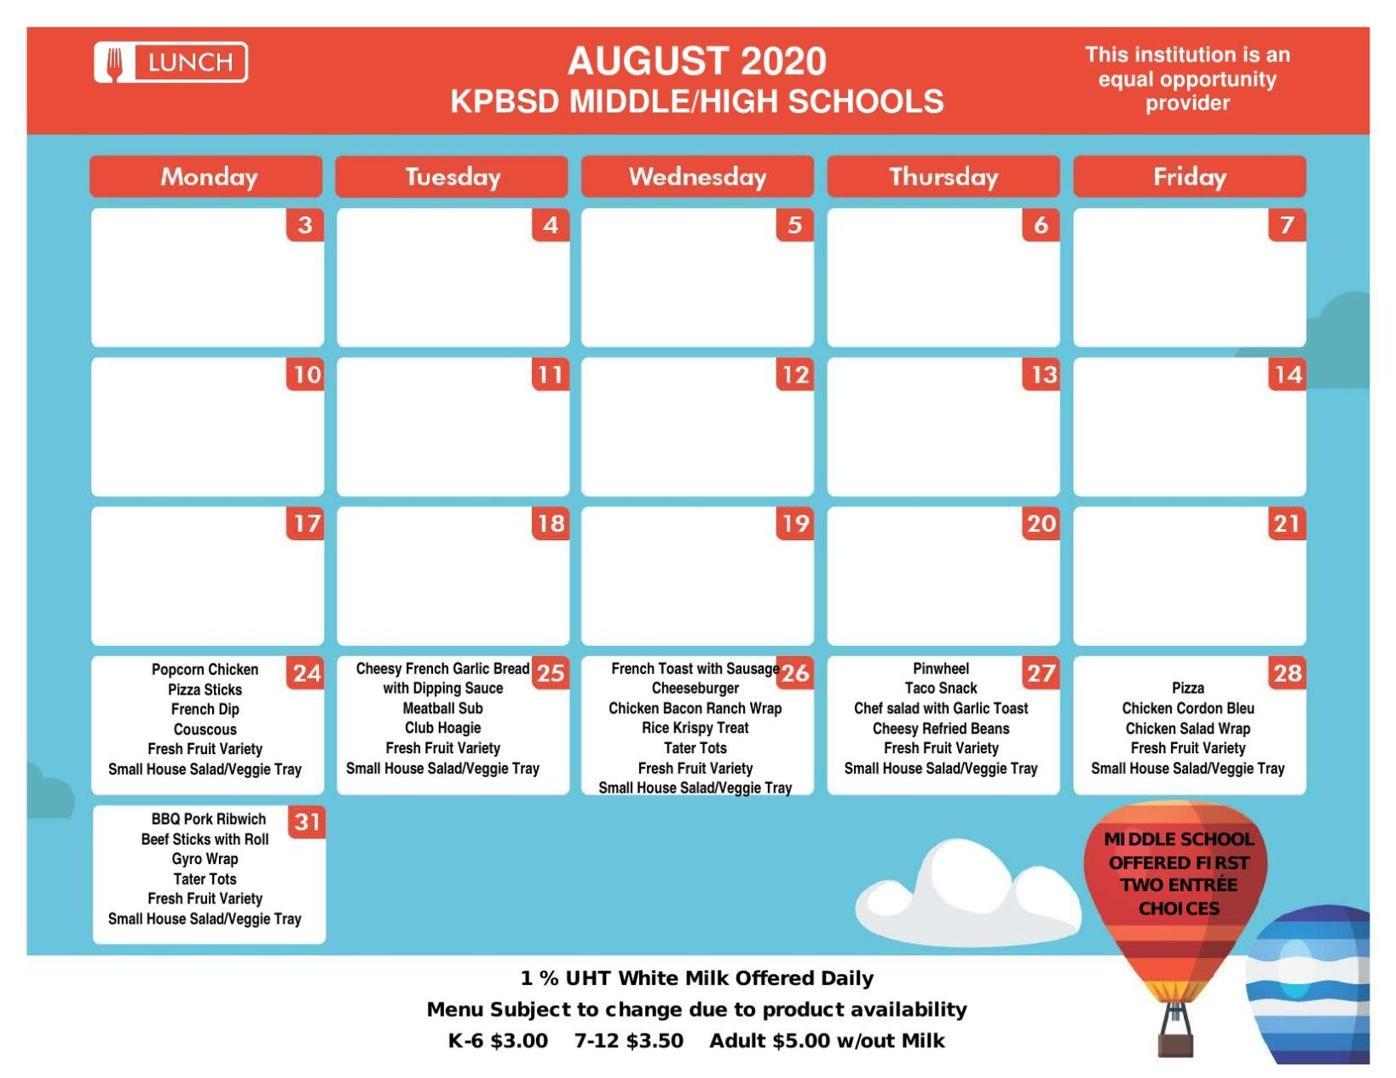 Seward Middle School Lunch Menu Aug. 2020